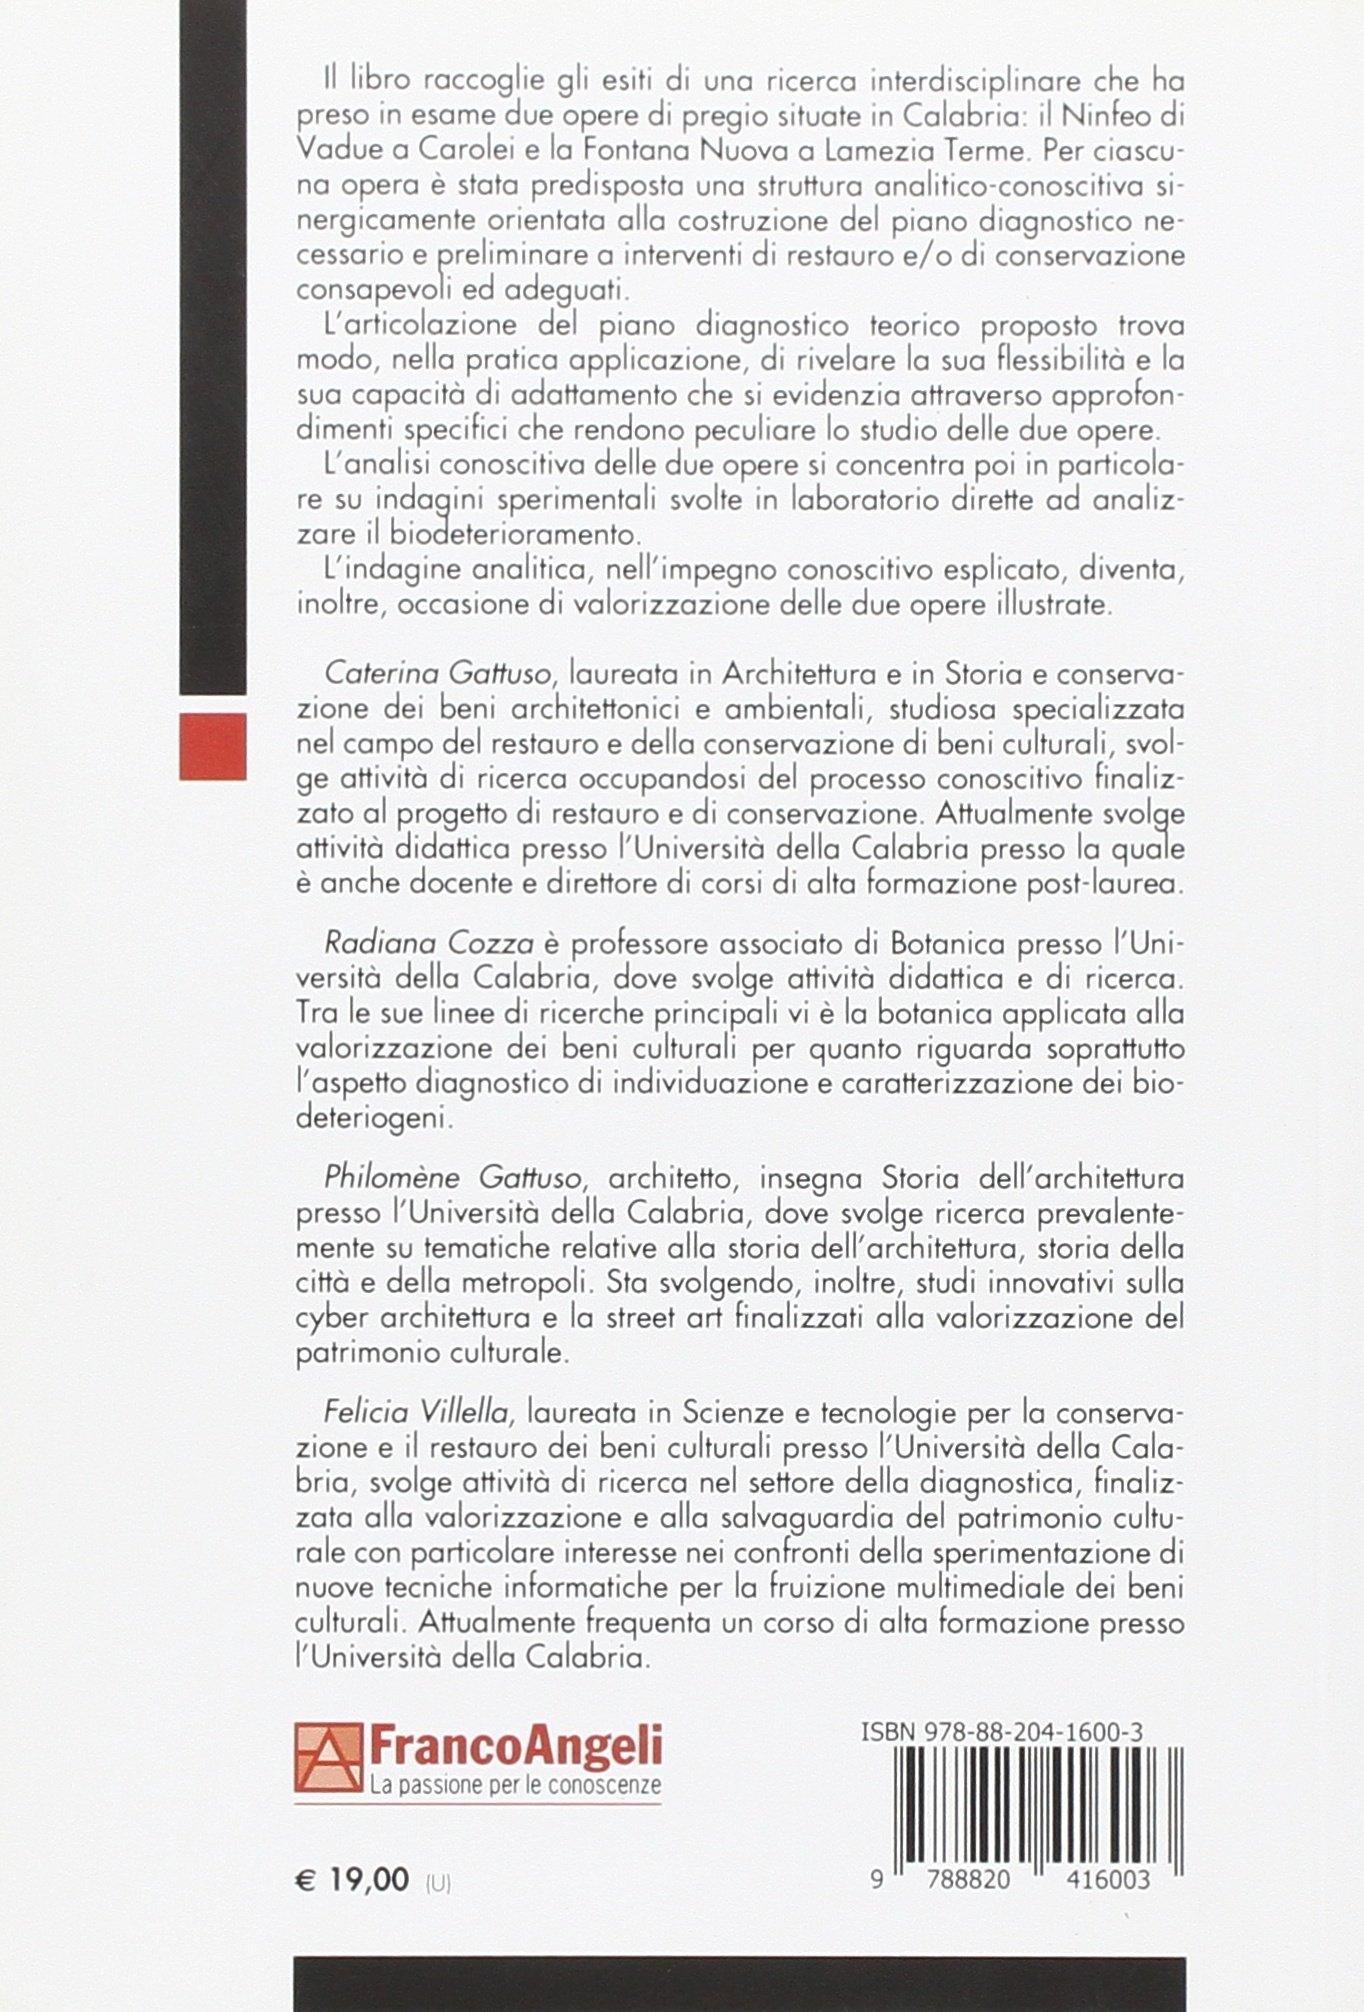 La conoscenza per il restauro e la conservazione. Il Ninfeo di Vadue a Carolei e la Fontana Nuova di Lamezia Terme.